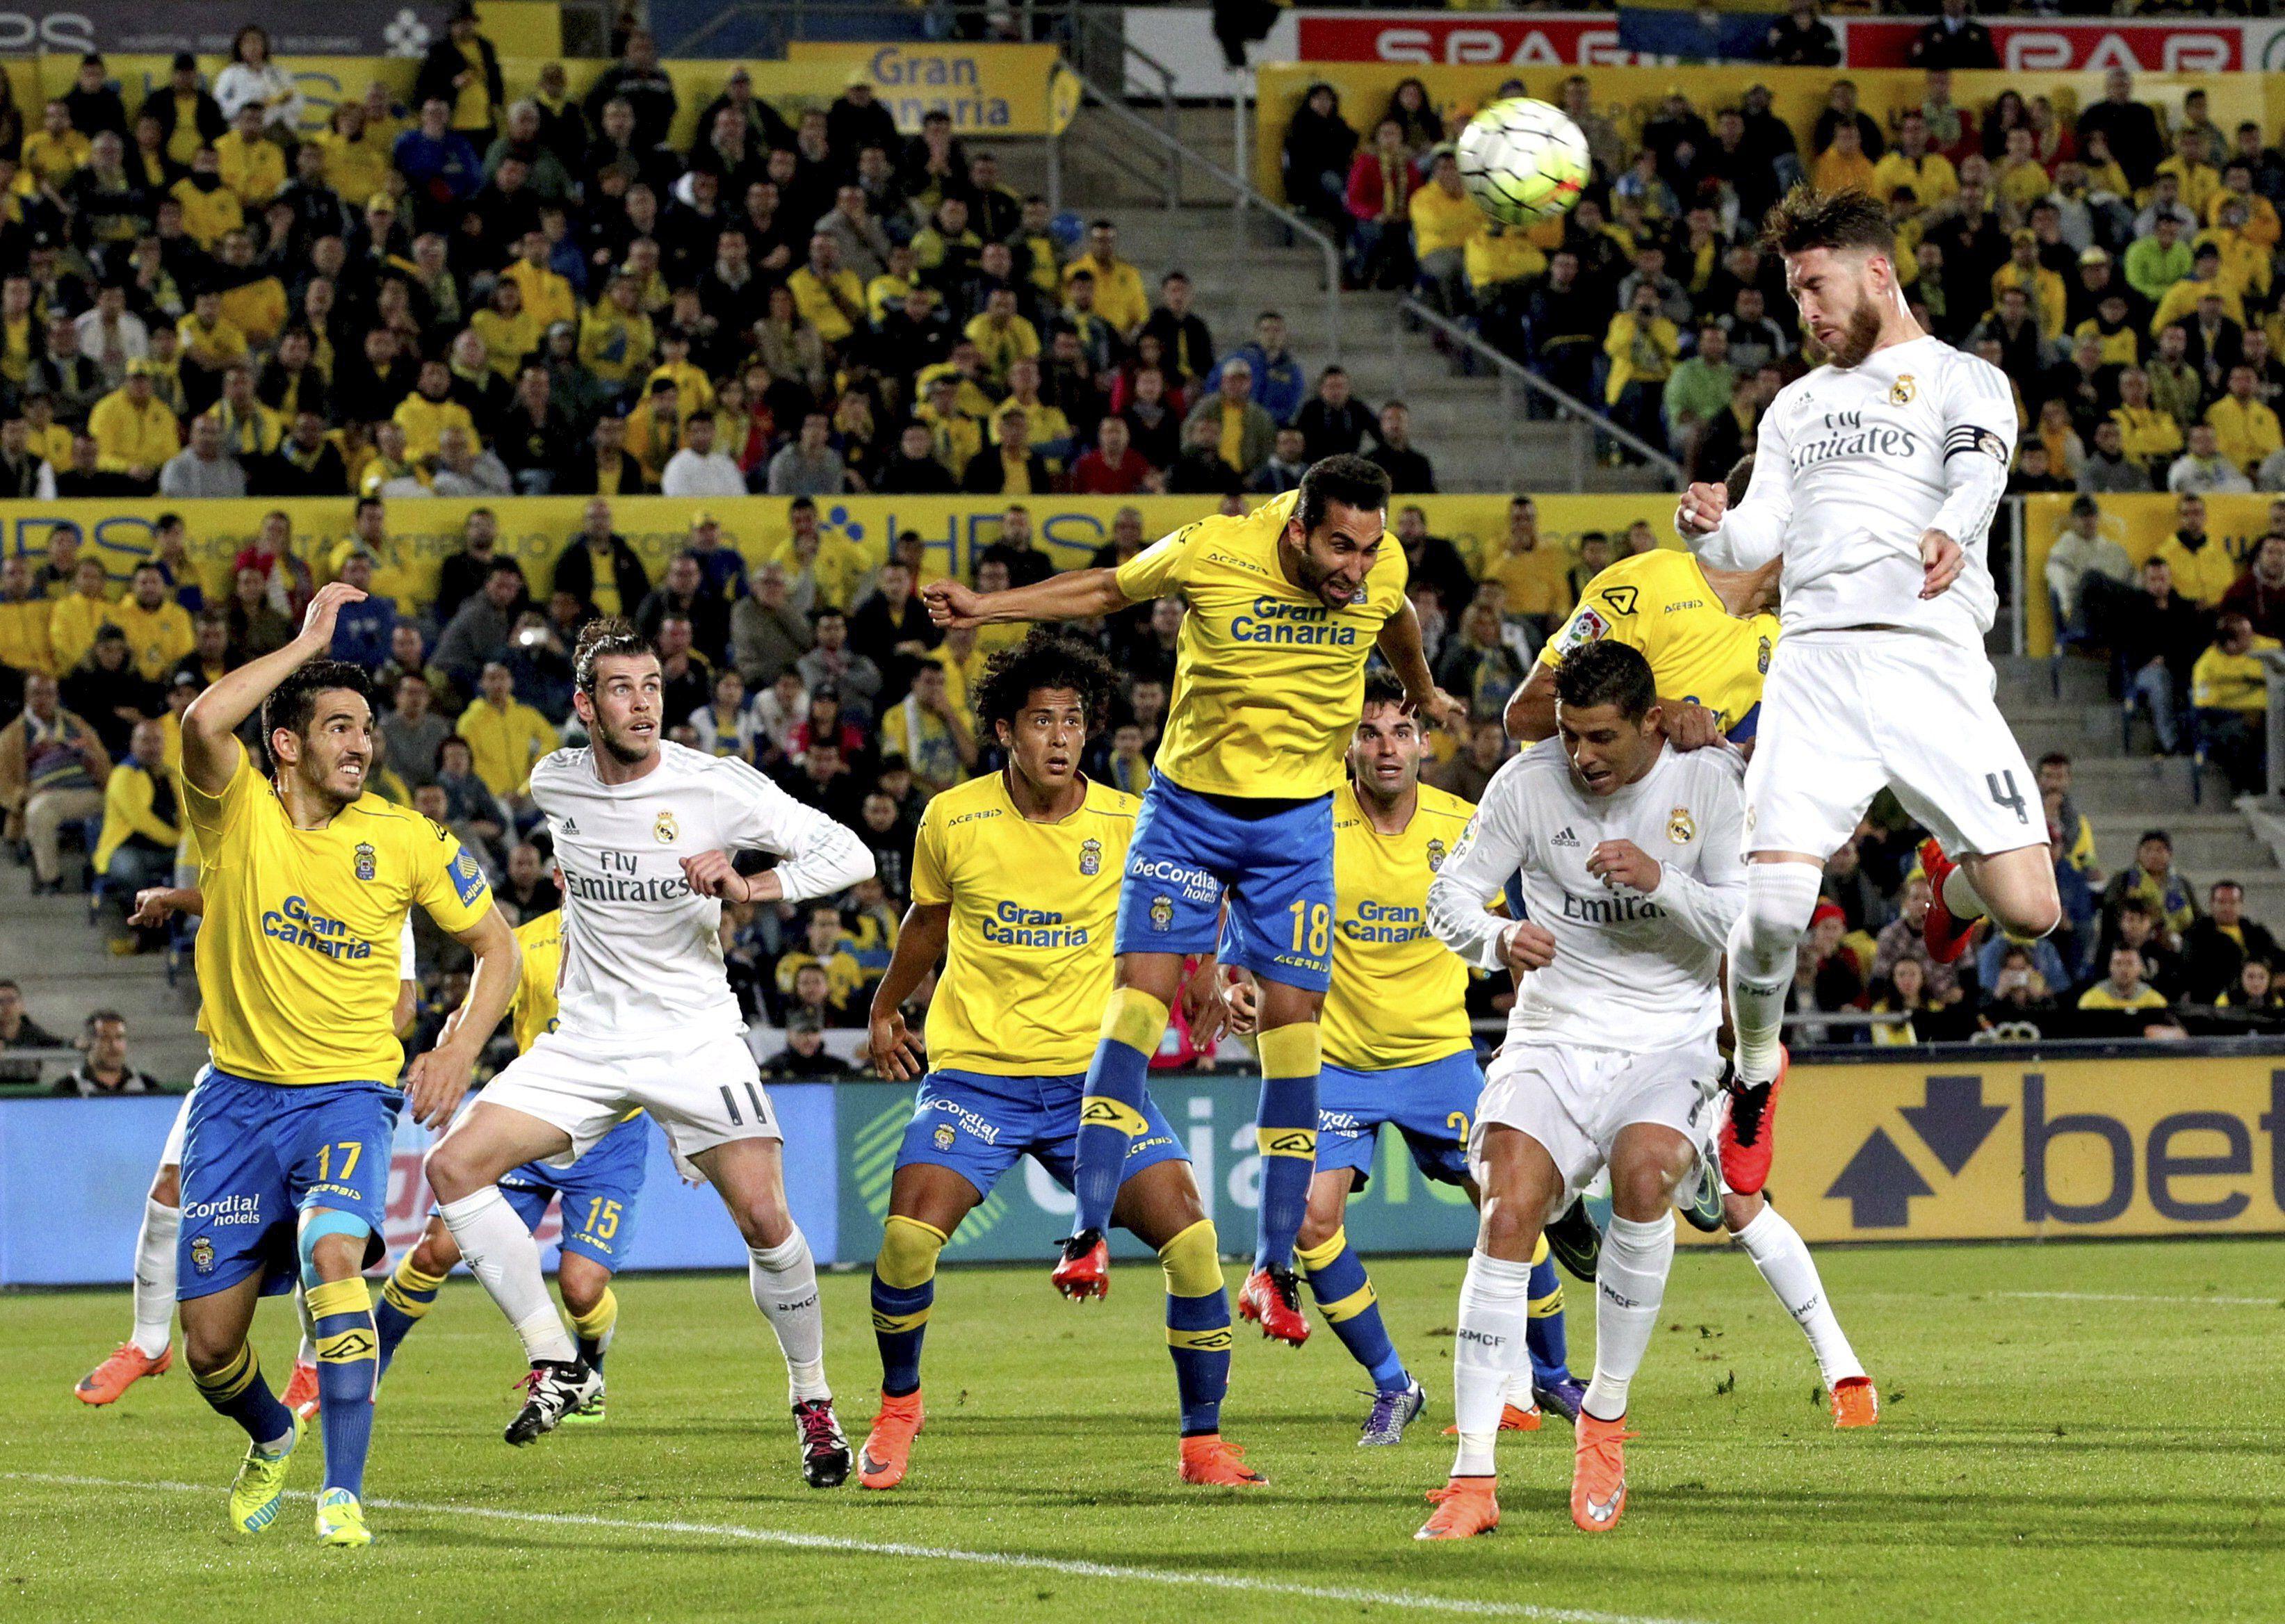 El Real derrotó a Las Palmas y mantiene su mínima ilusión